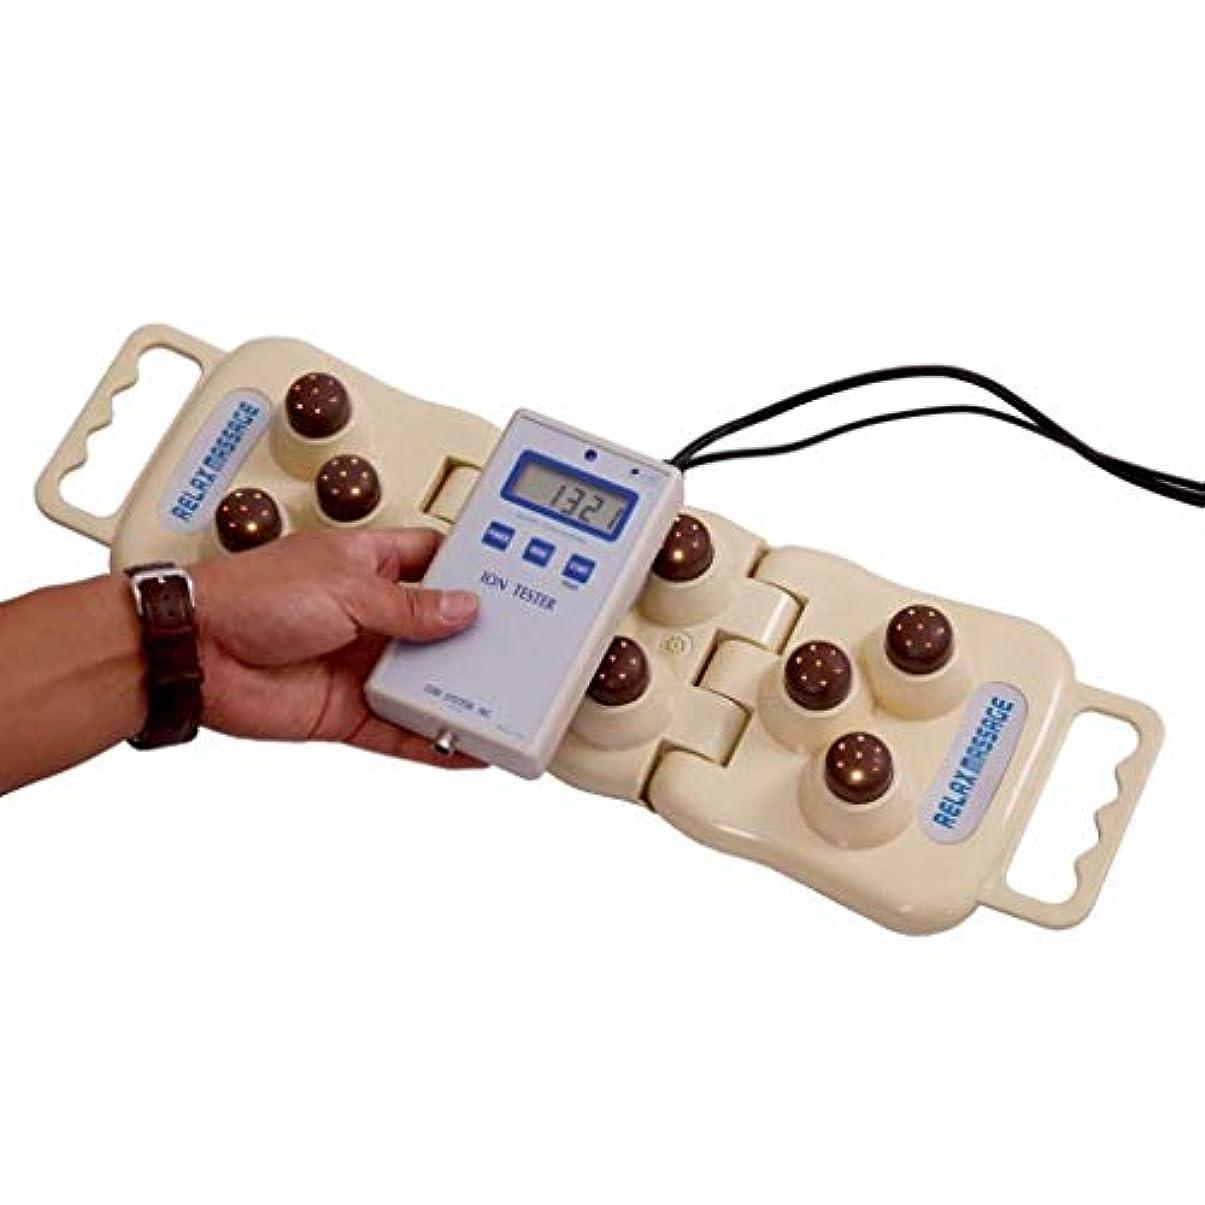 電気マッサージ器、トルマリン理学療法頸椎健康機器、暖房理学療法器具、膝/肩/腰/脚マッサージ、全身ヒーターマッサージリラックス